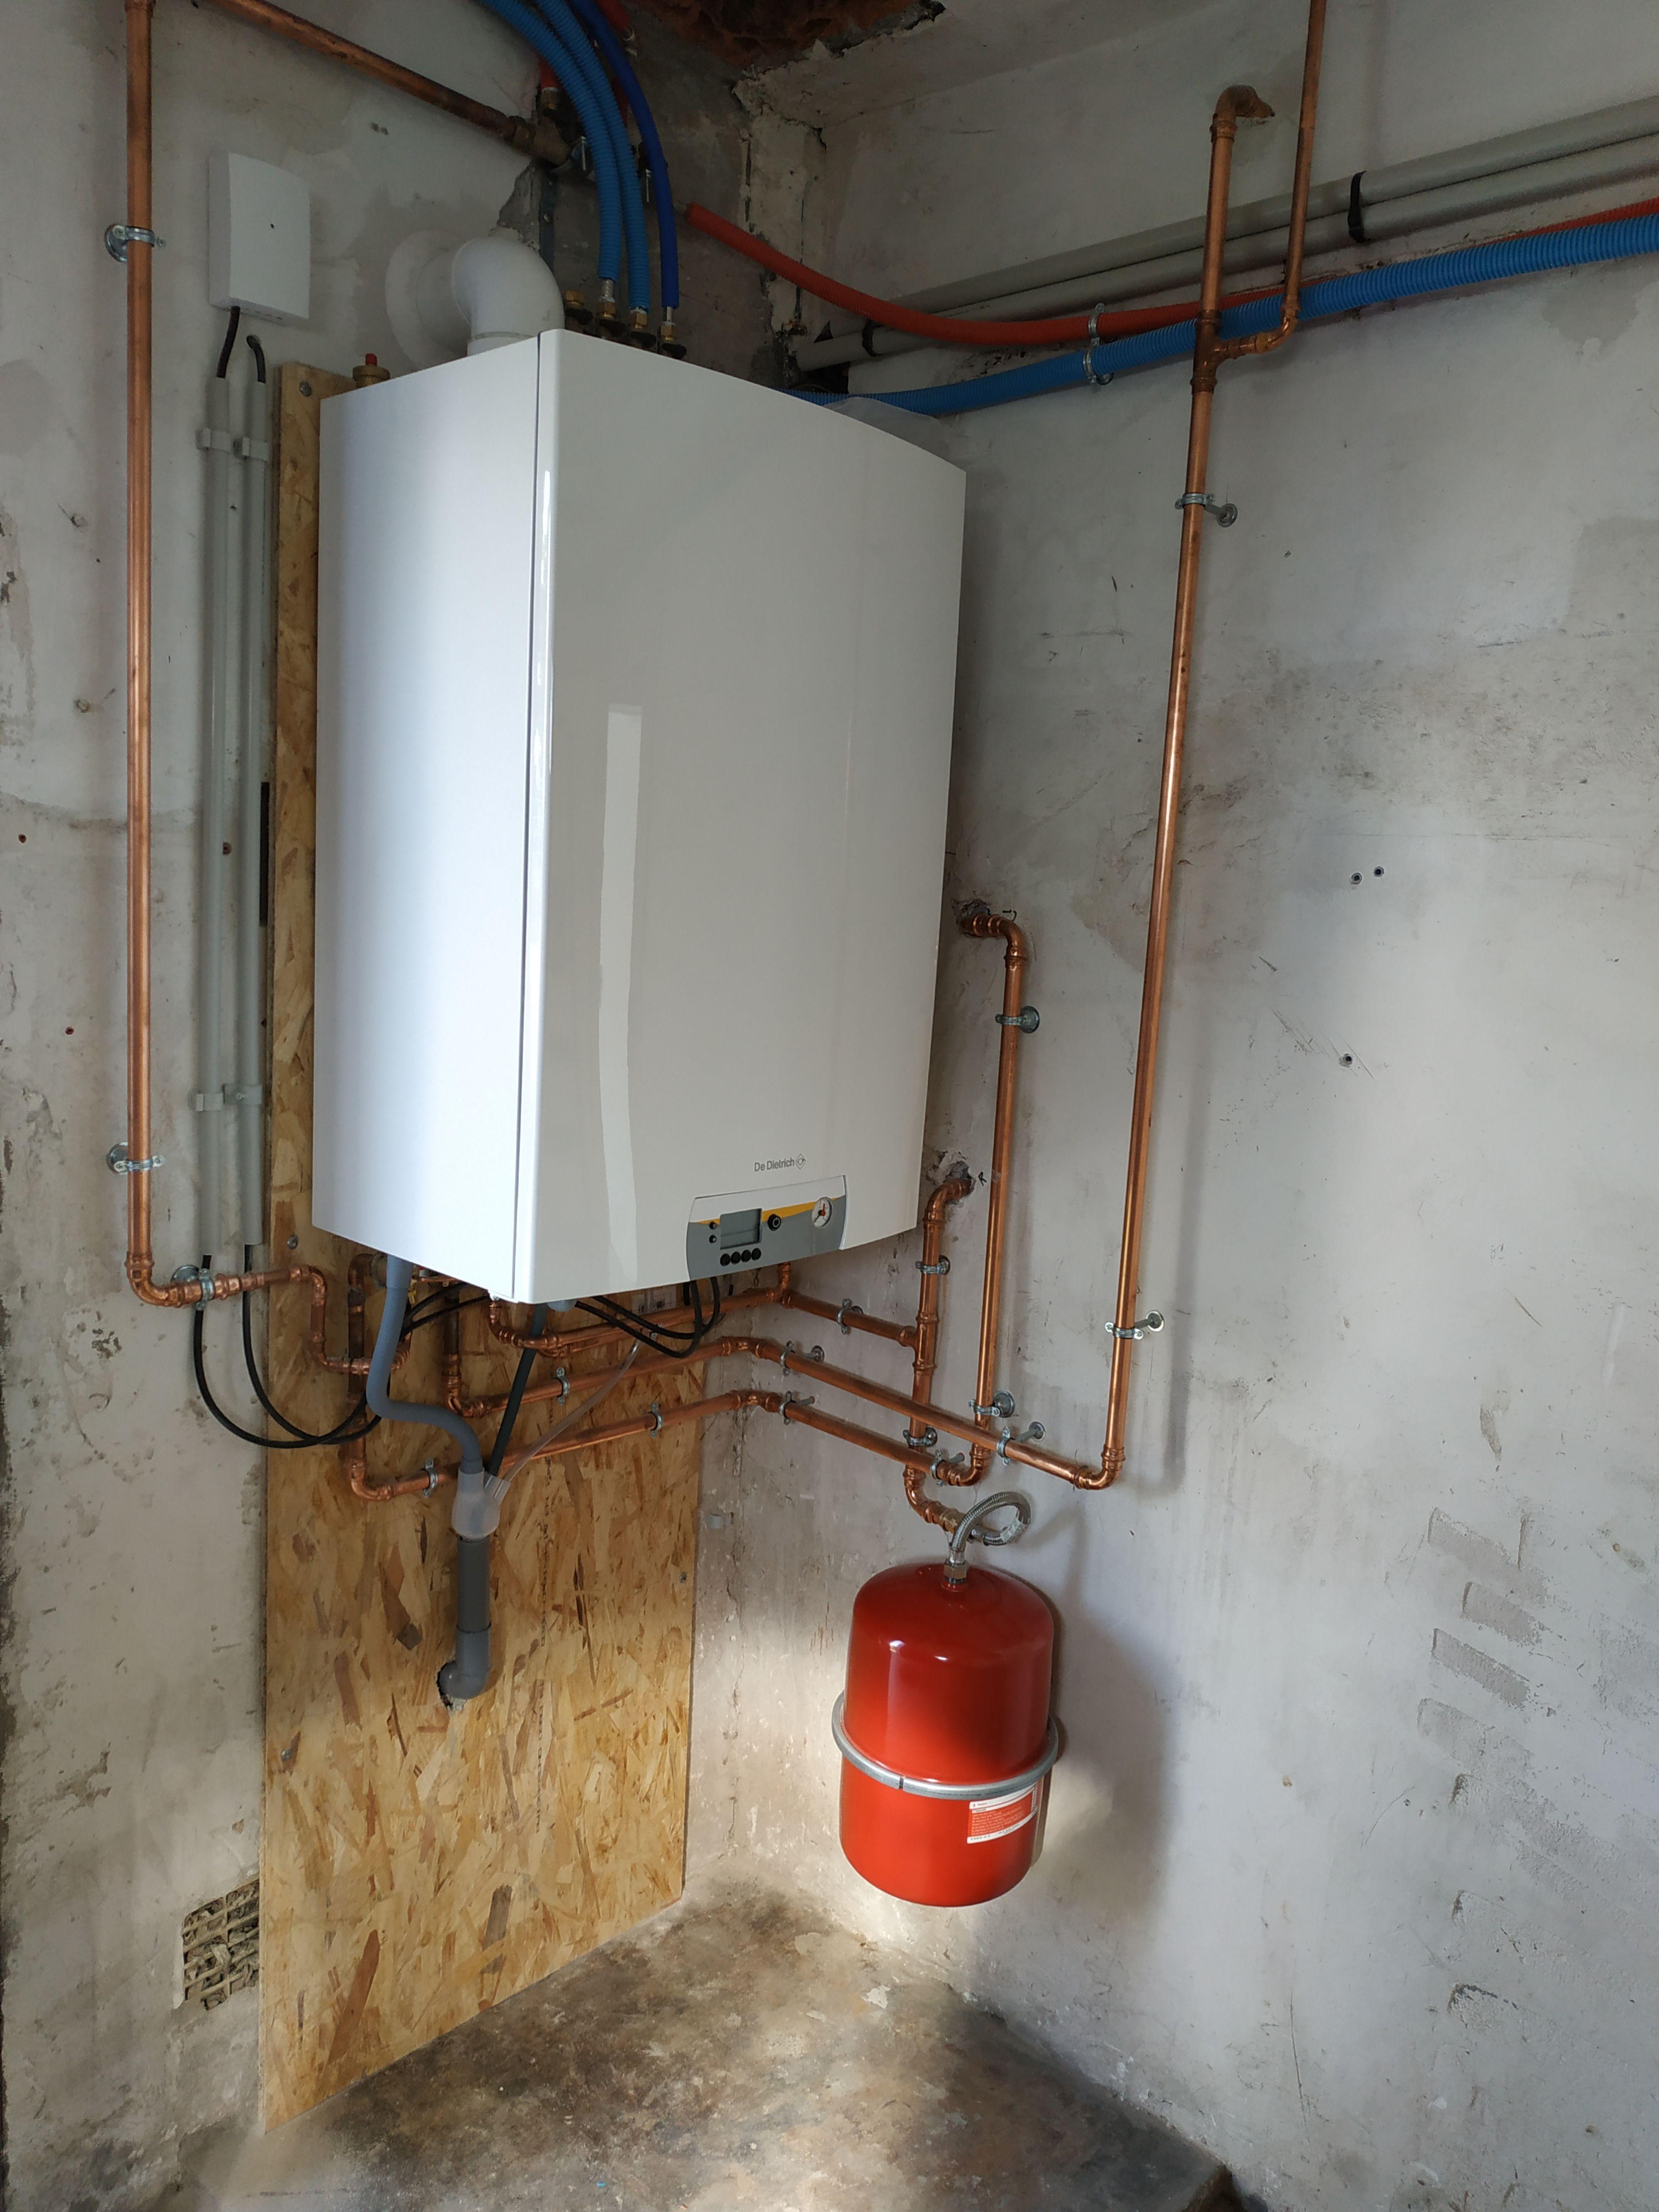 Cache Tuyau Sous Chaudiere installation de chauffage, remplacement d'une chaudière